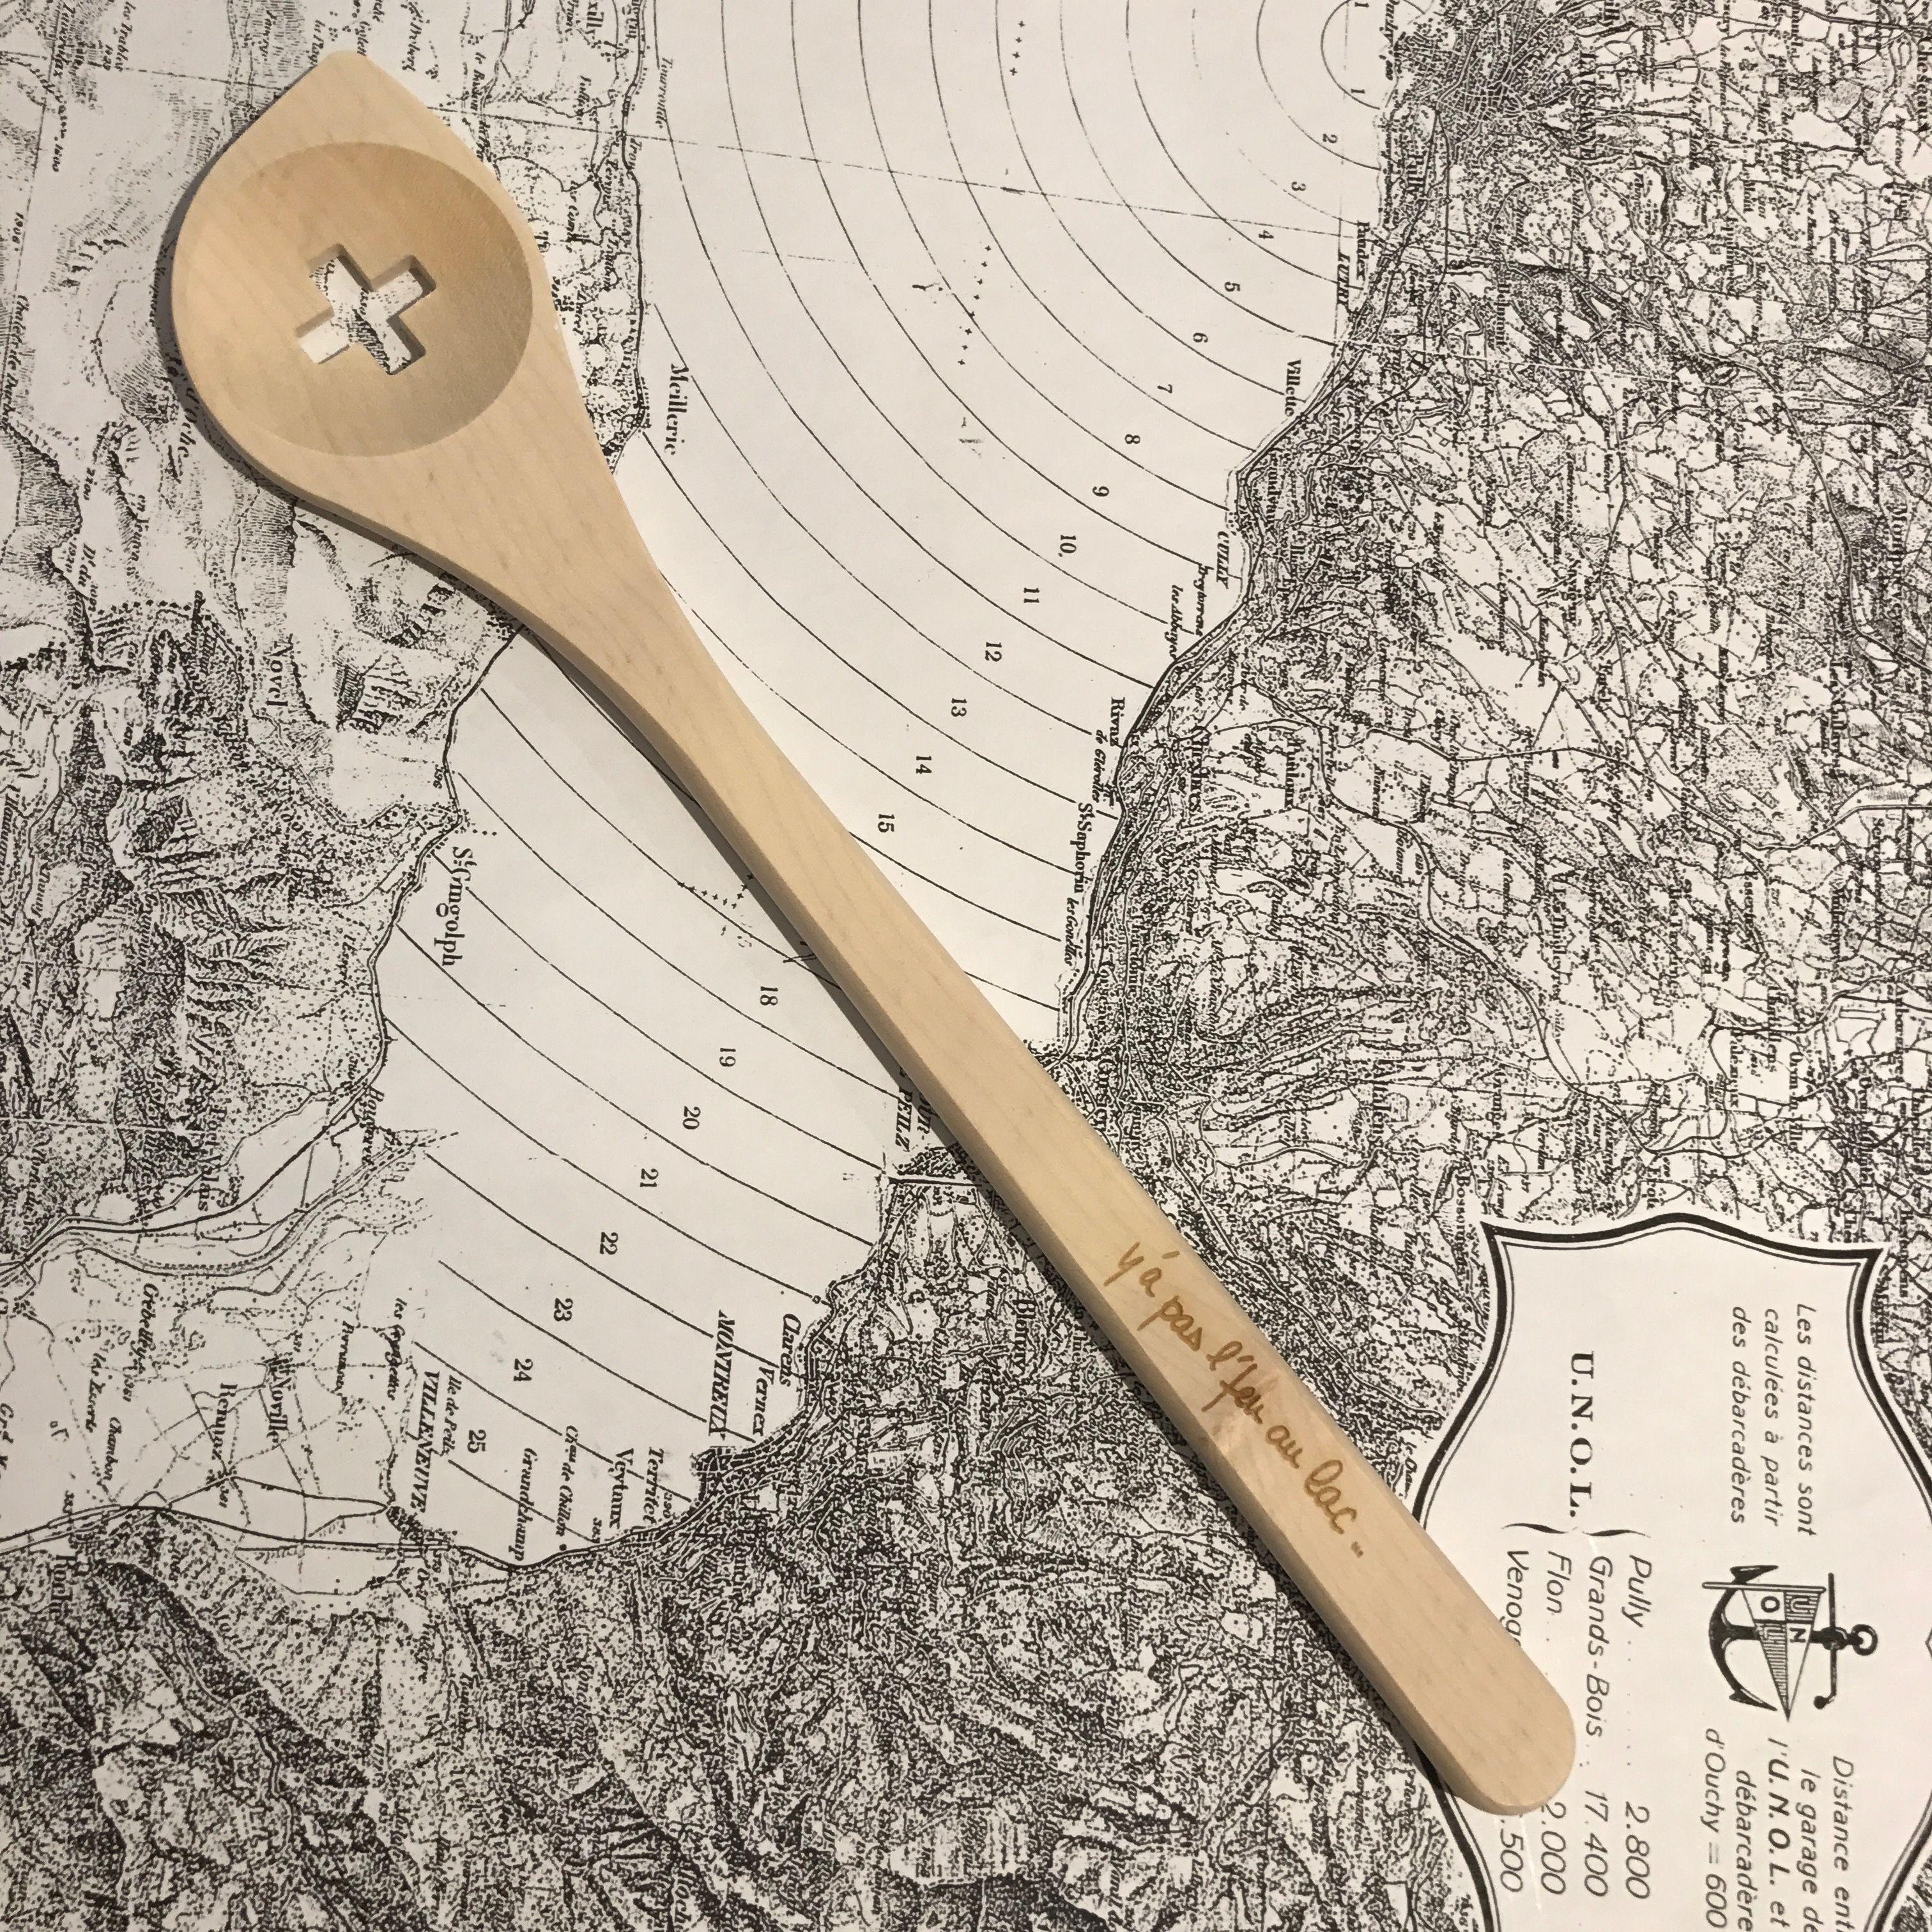 Touille A Fondue Bois Suisse Swiss Made Y A Pas L Feu Au Lac Pour K Line Ch Boutique K Line A Morges Switzerland